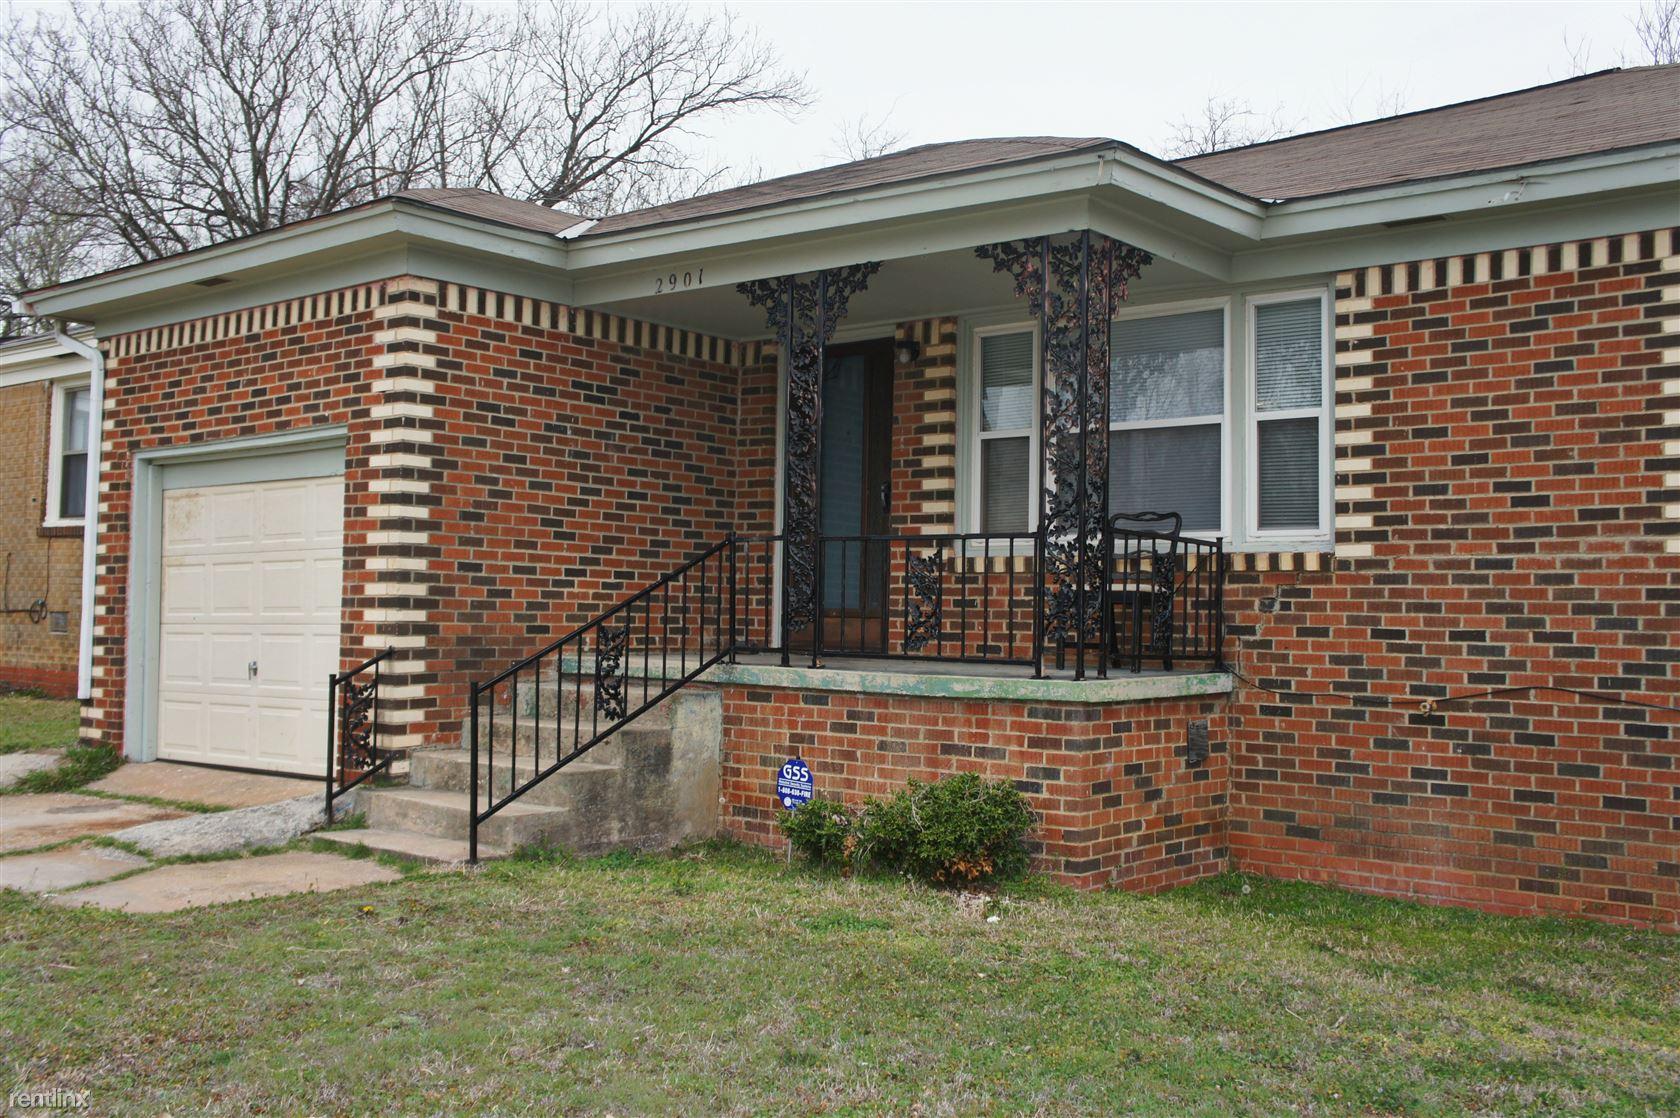 2901 NE 17th St, Oklahoma City, OK - $695